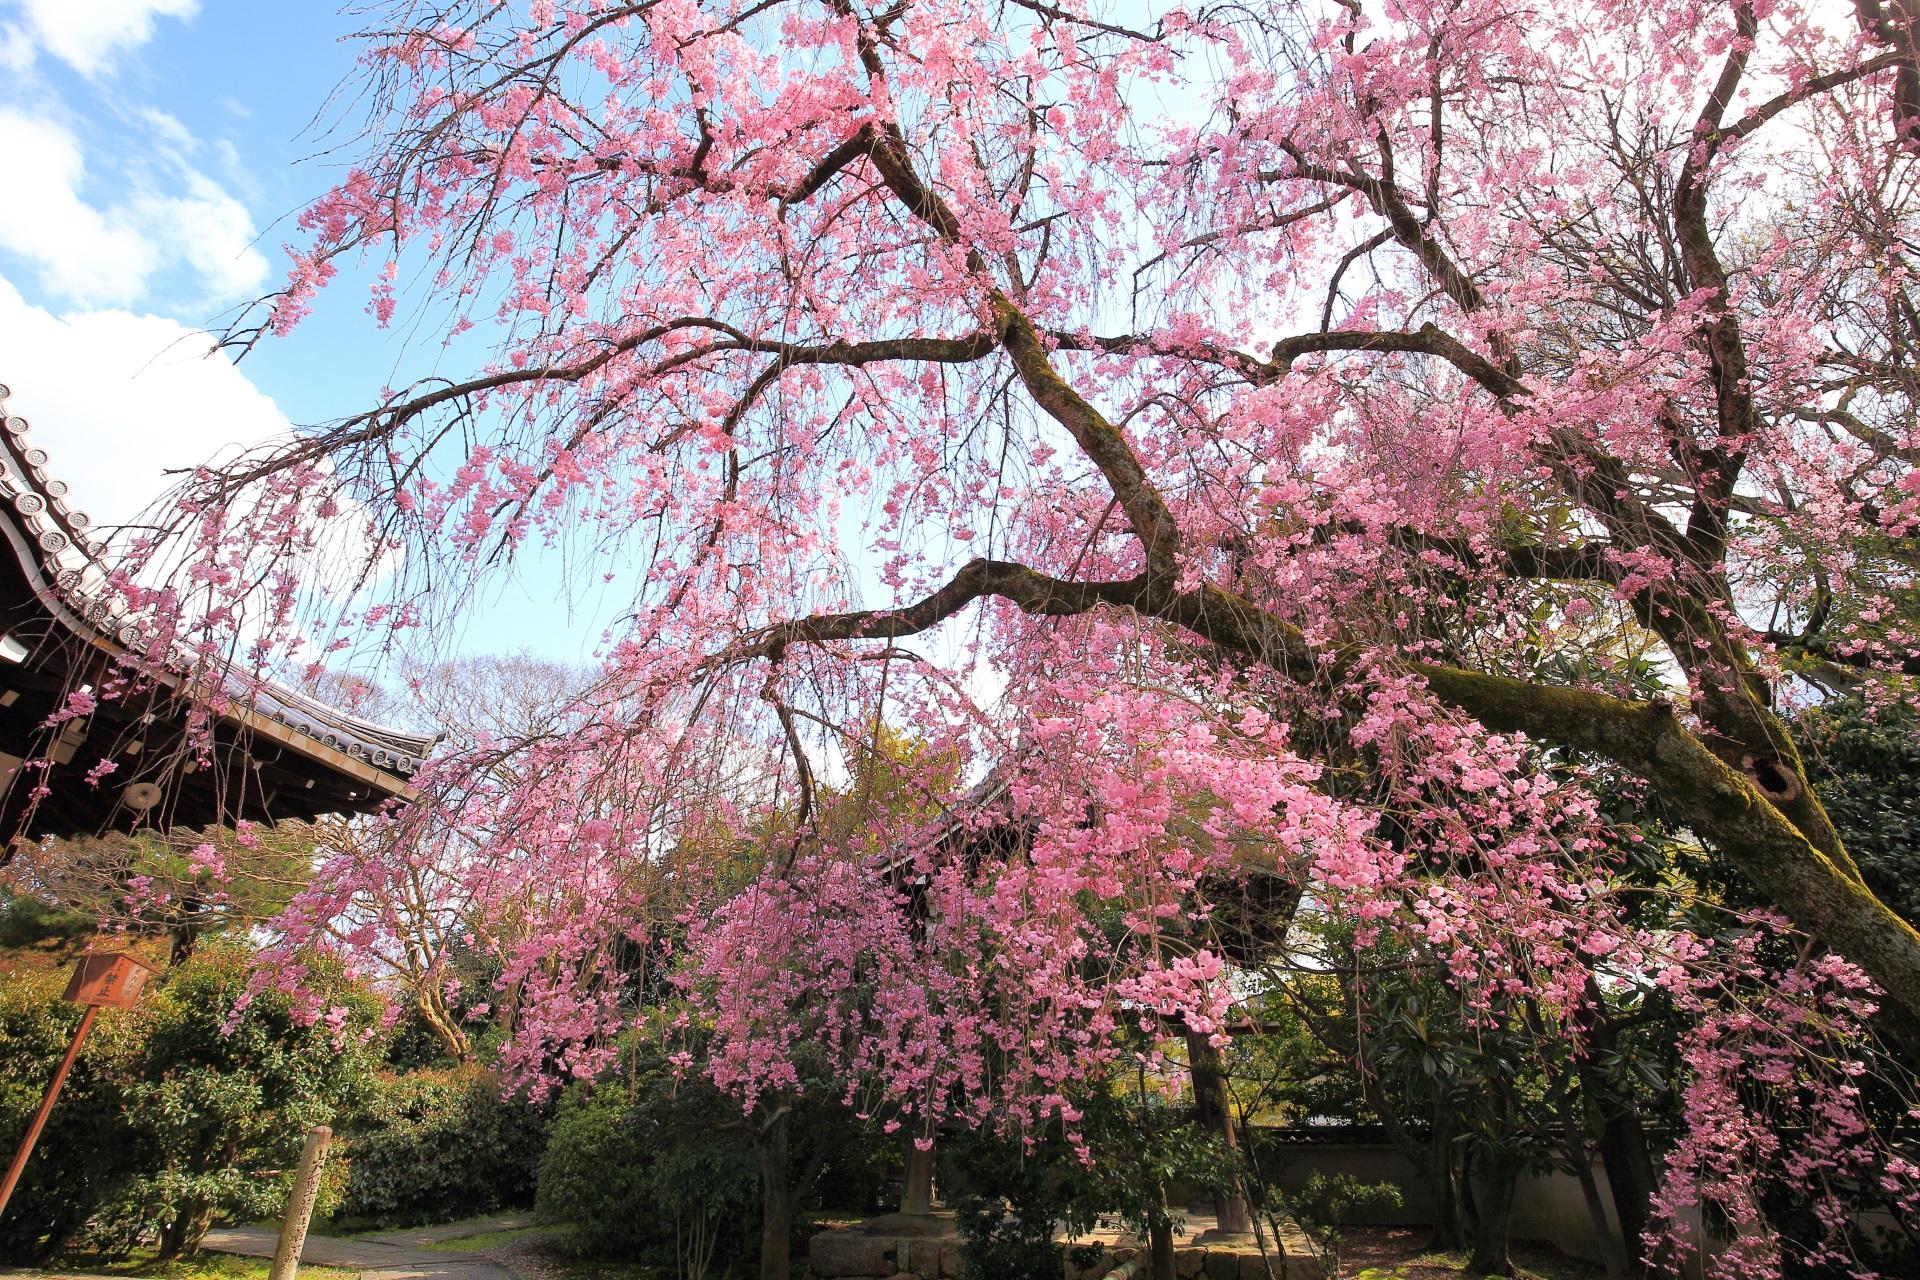 玄関前の鐘楼と枝の形が芸術的なしだれ桜